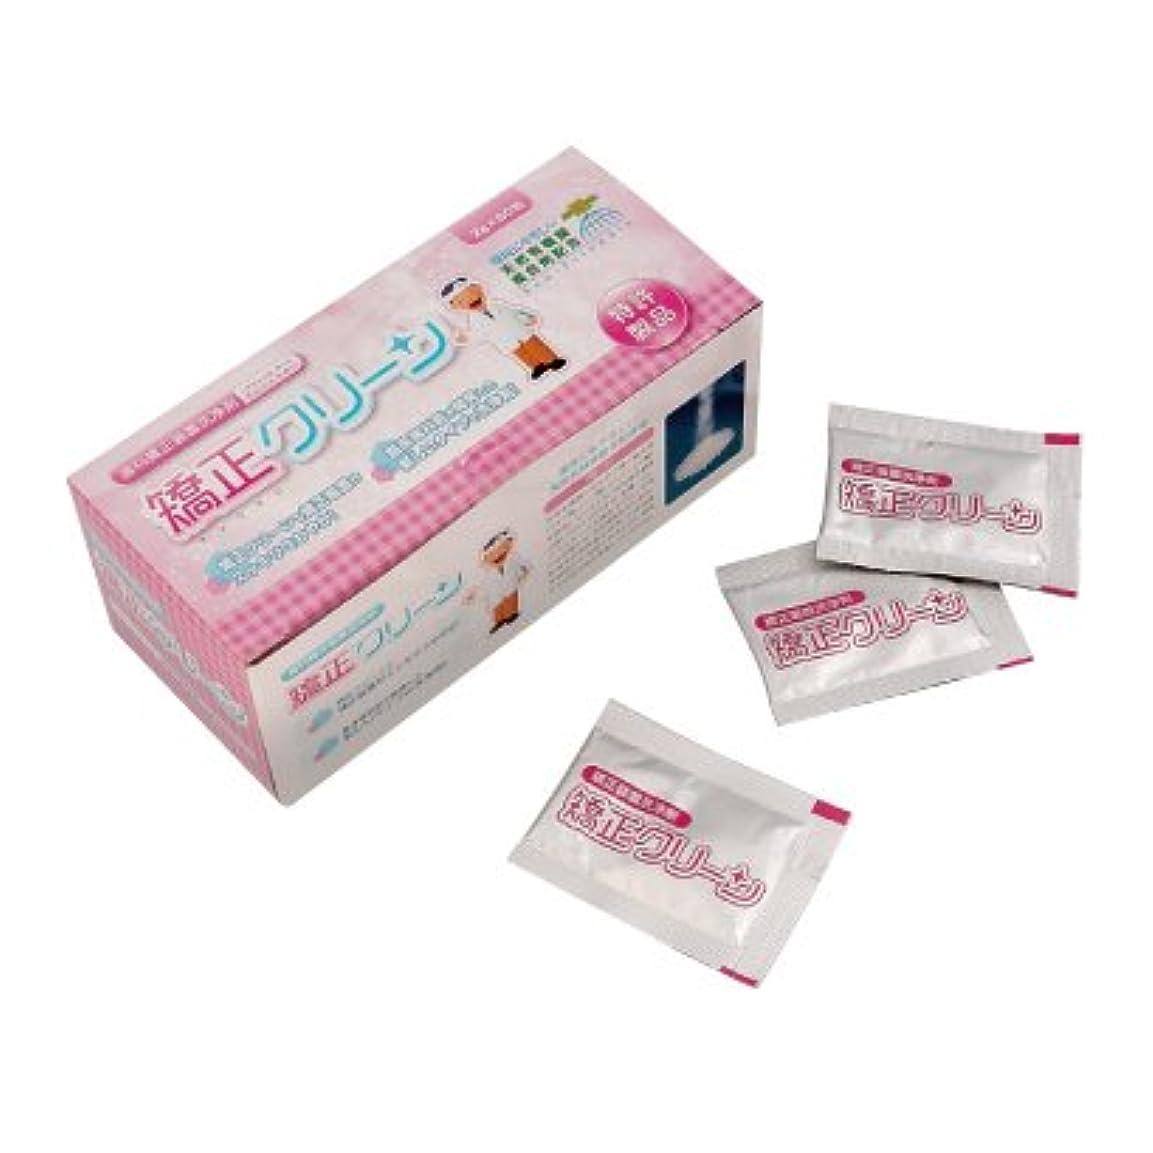 容疑者振る舞う色合い矯正クリーン 1箱(2g×60包入り) 歯科矯正装置用洗浄剤